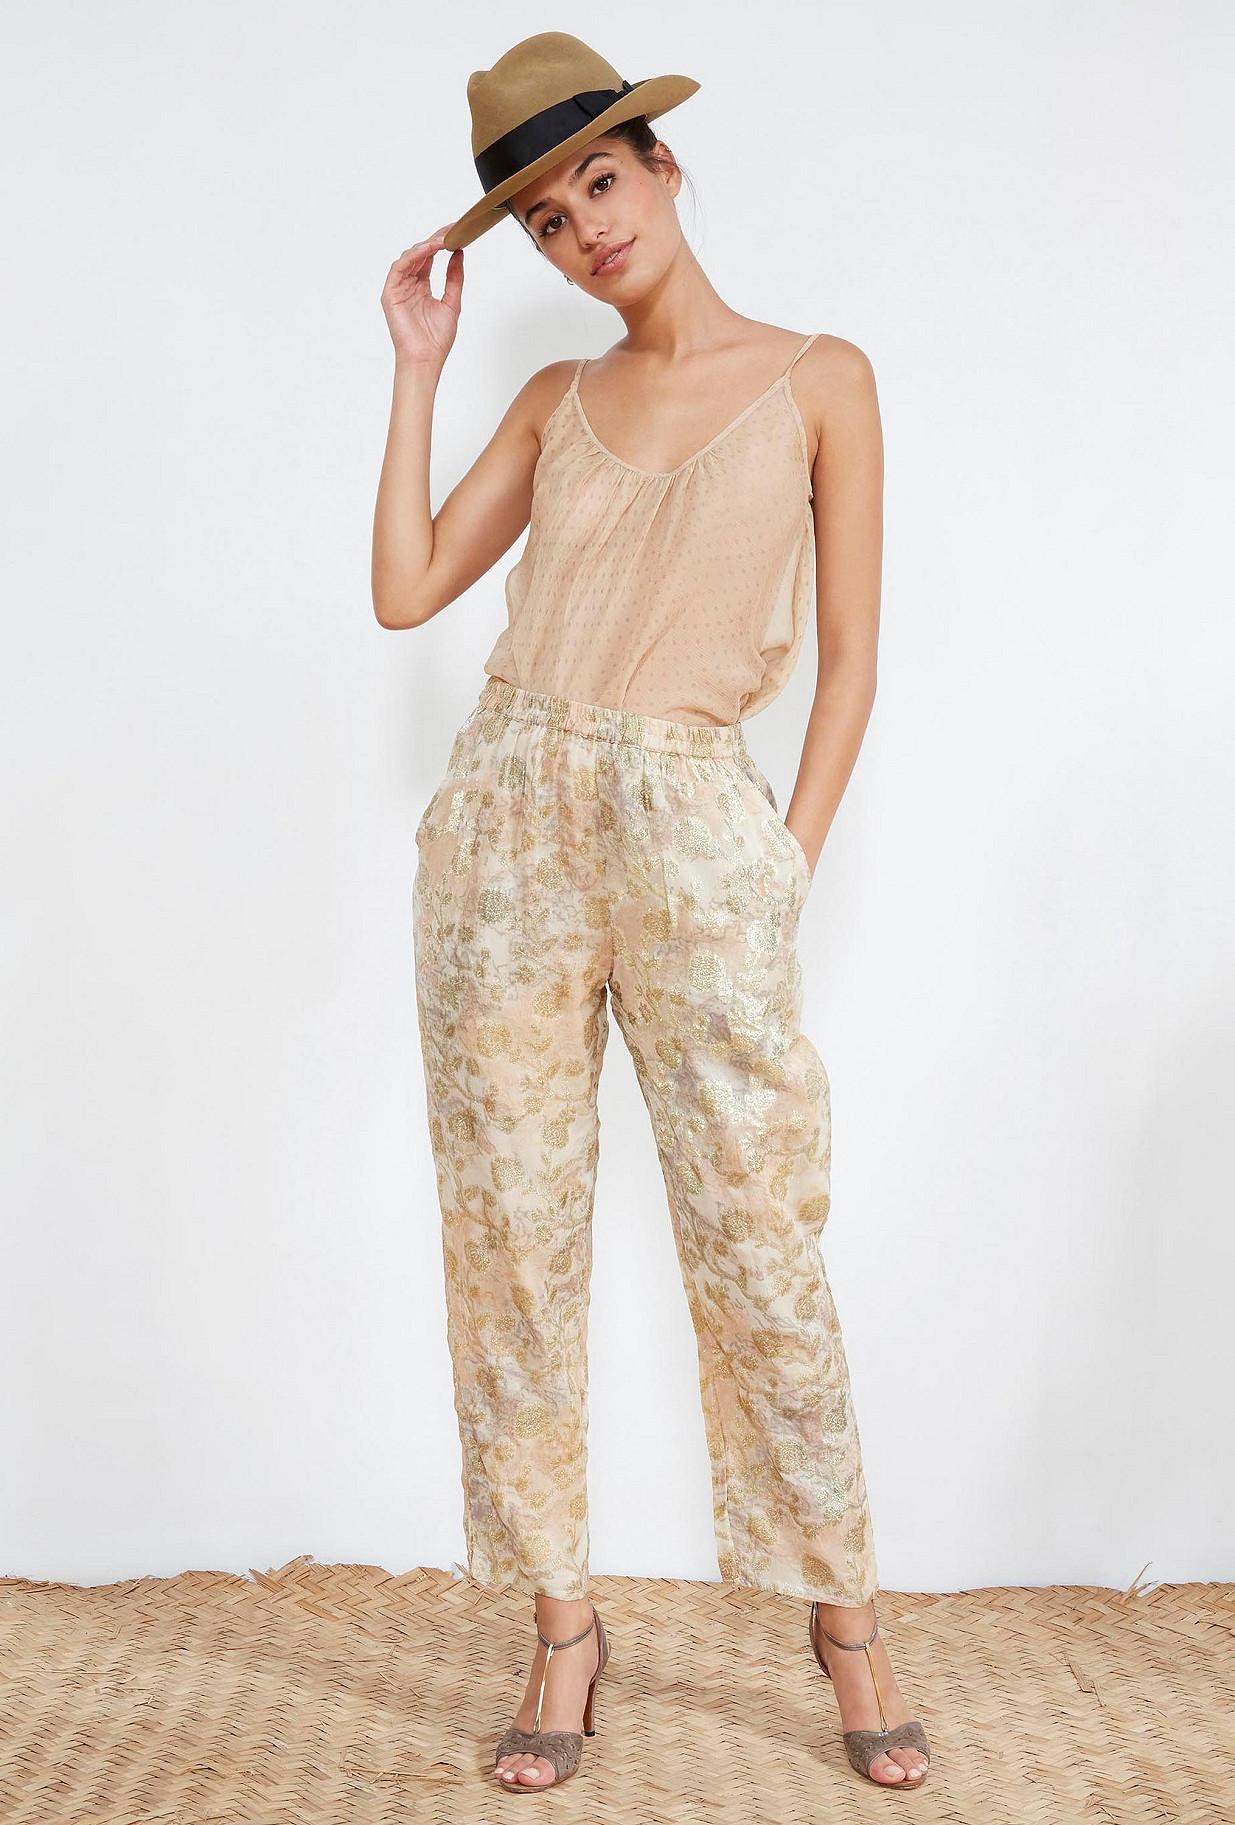 boutique de pantalon femme attila mode createur paris. Black Bedroom Furniture Sets. Home Design Ideas